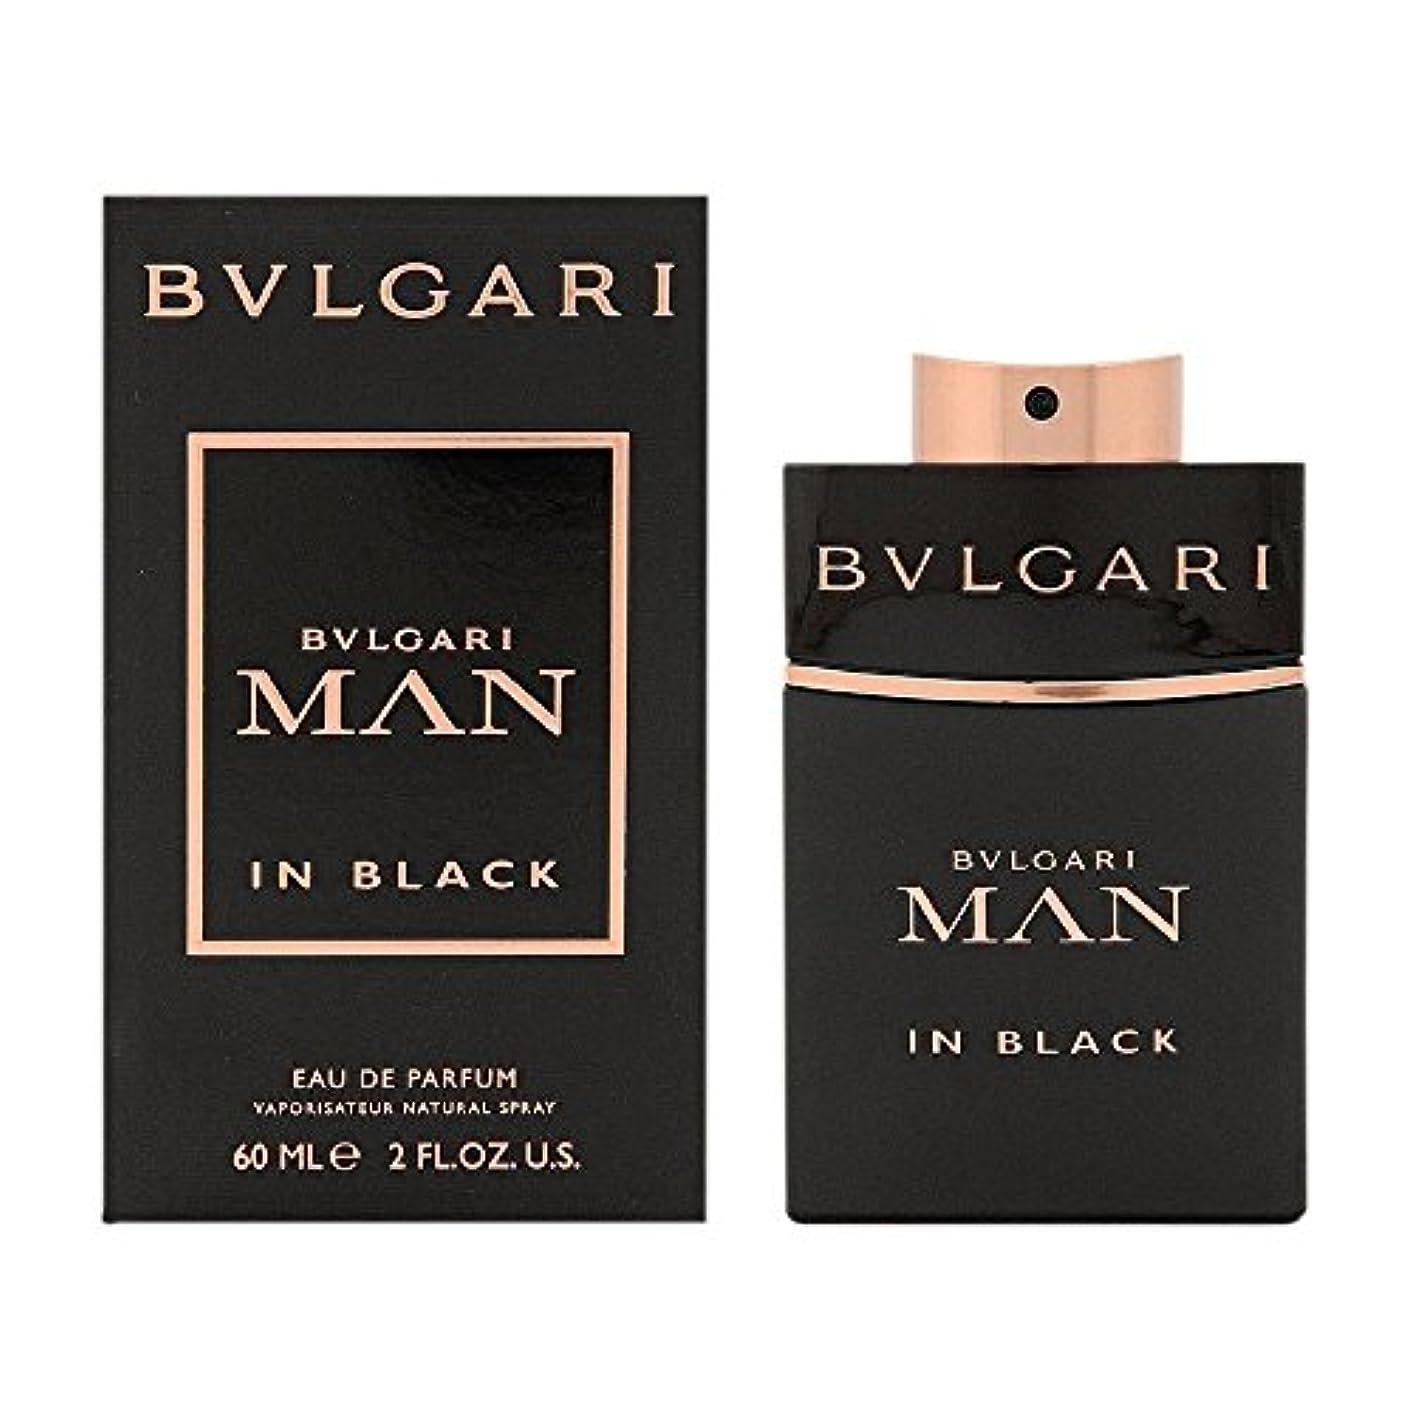 文化病者ぐったりブルガリ BVLGARI  ブルガリ マン イン ブラック EP SP 60ml